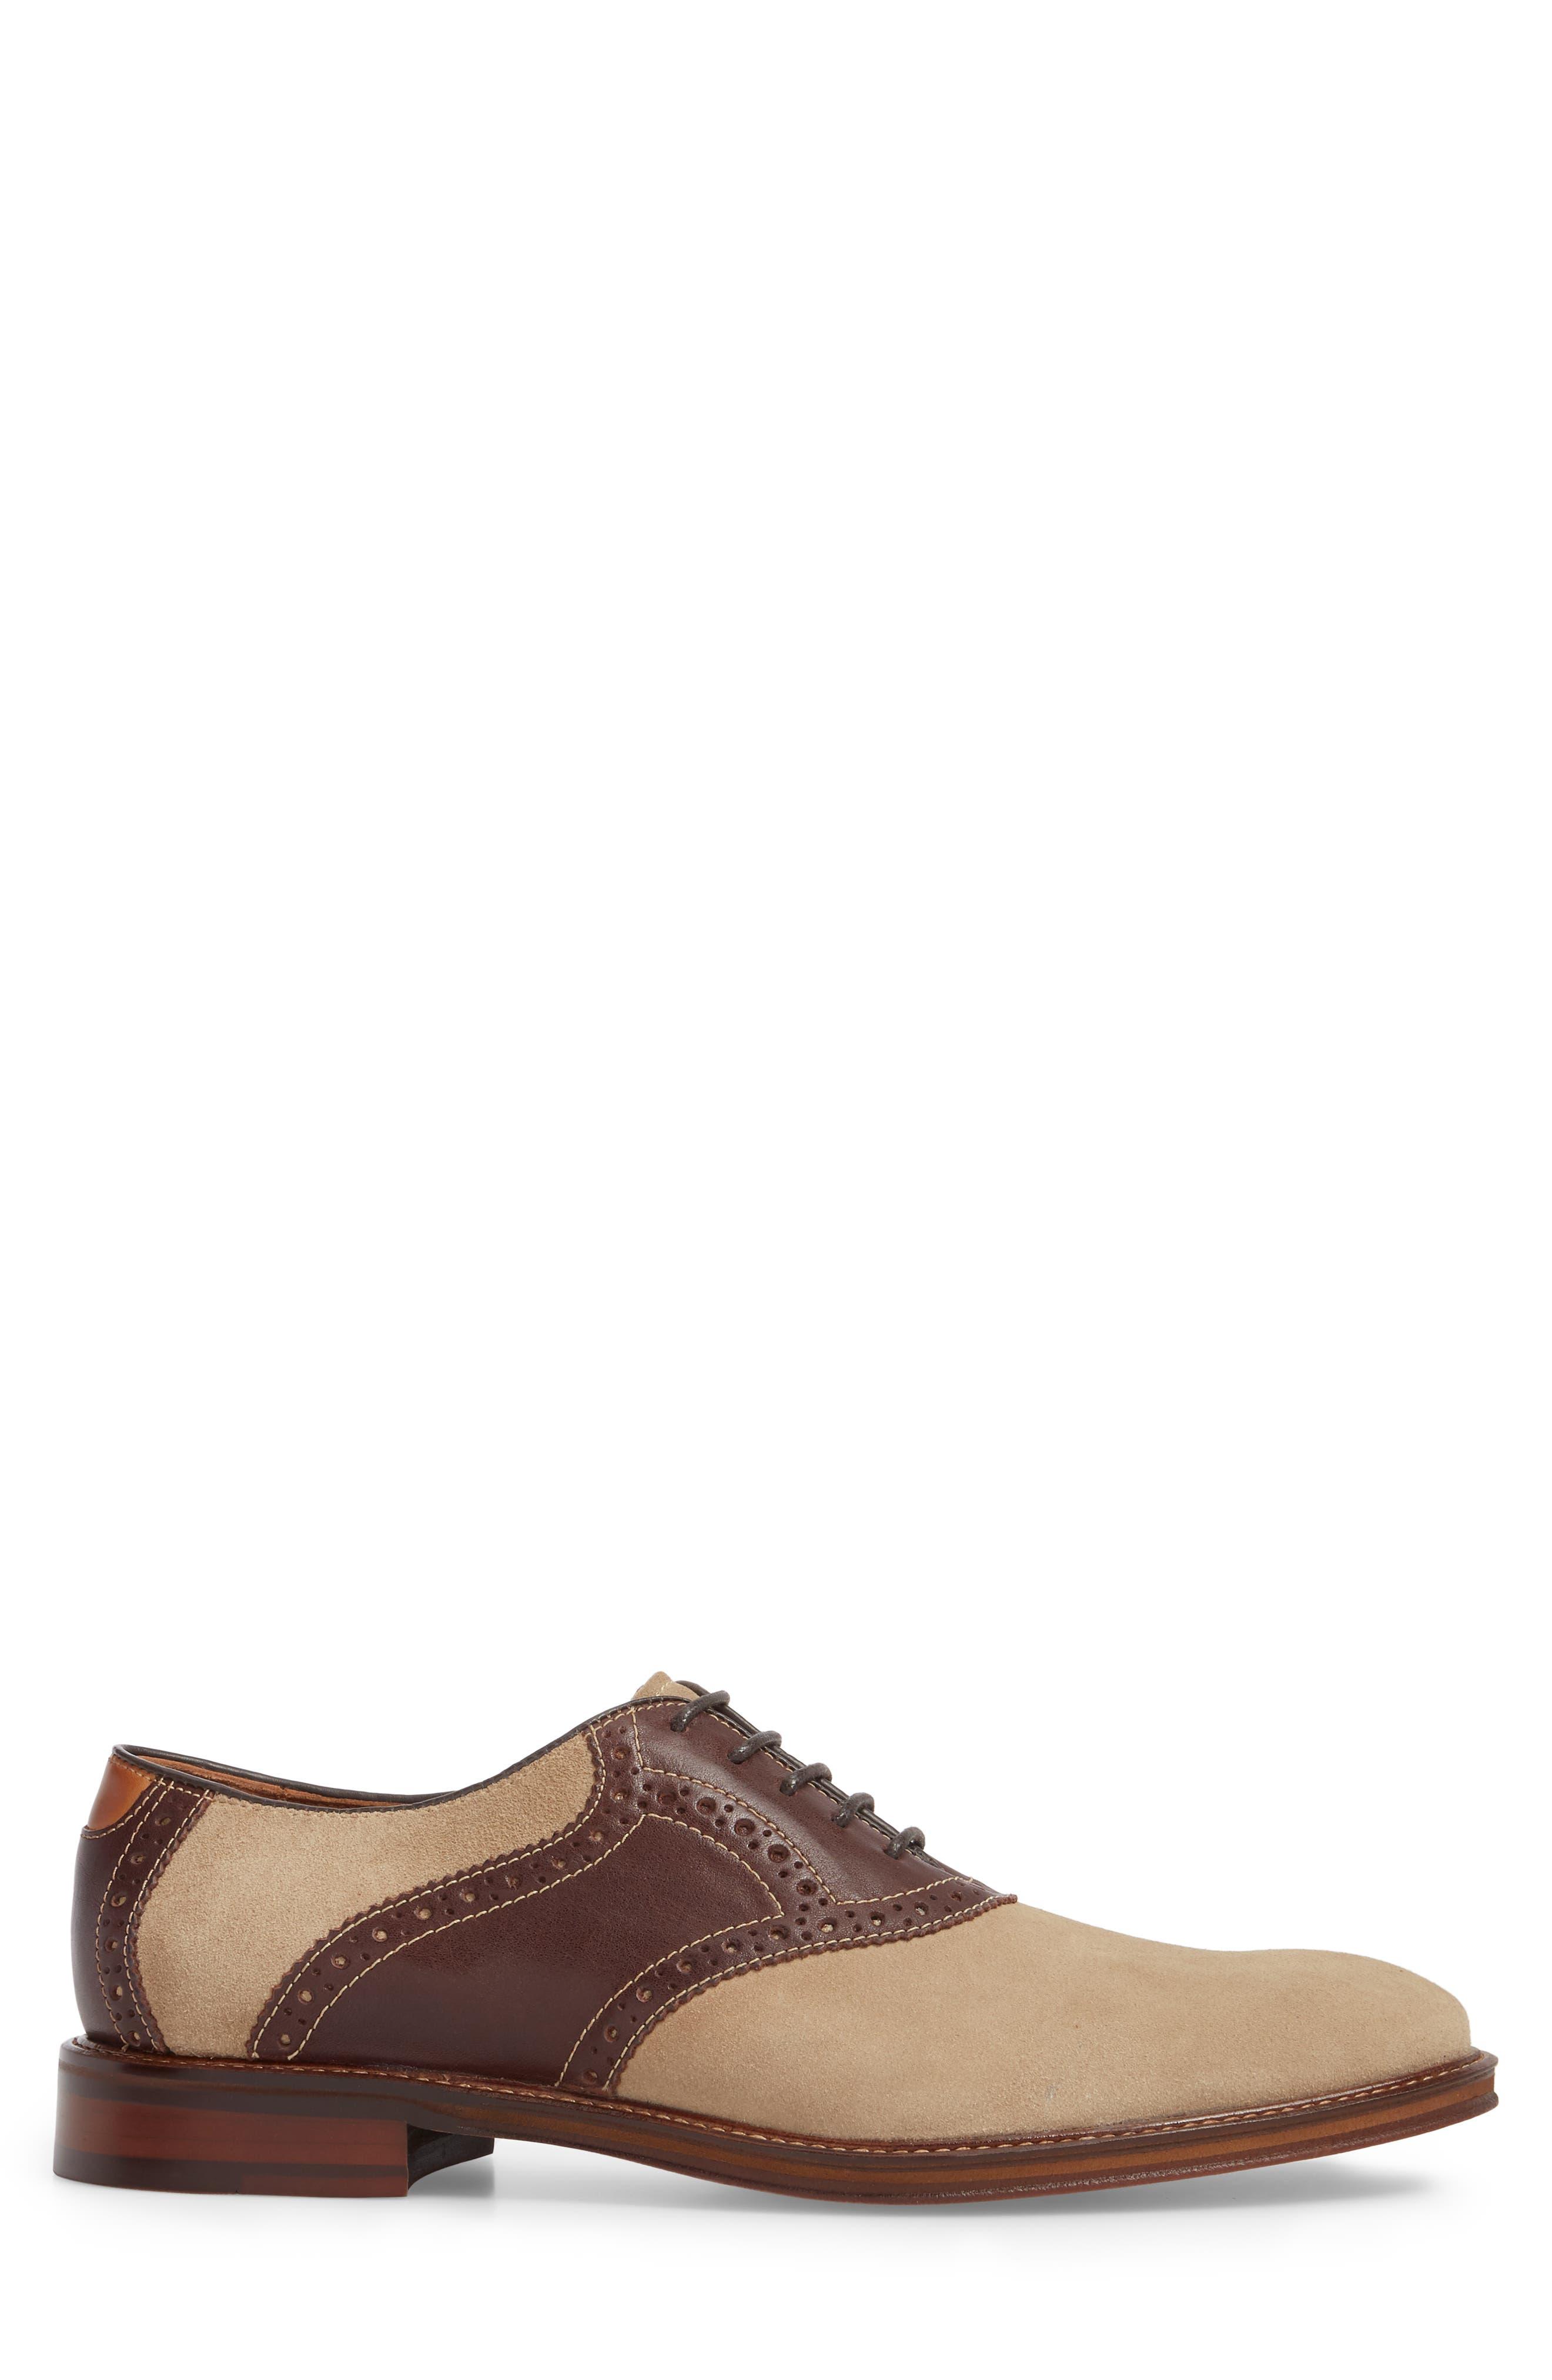 Warner Saddle Shoe,                             Alternate thumbnail 3, color,                             Camel Nubuck